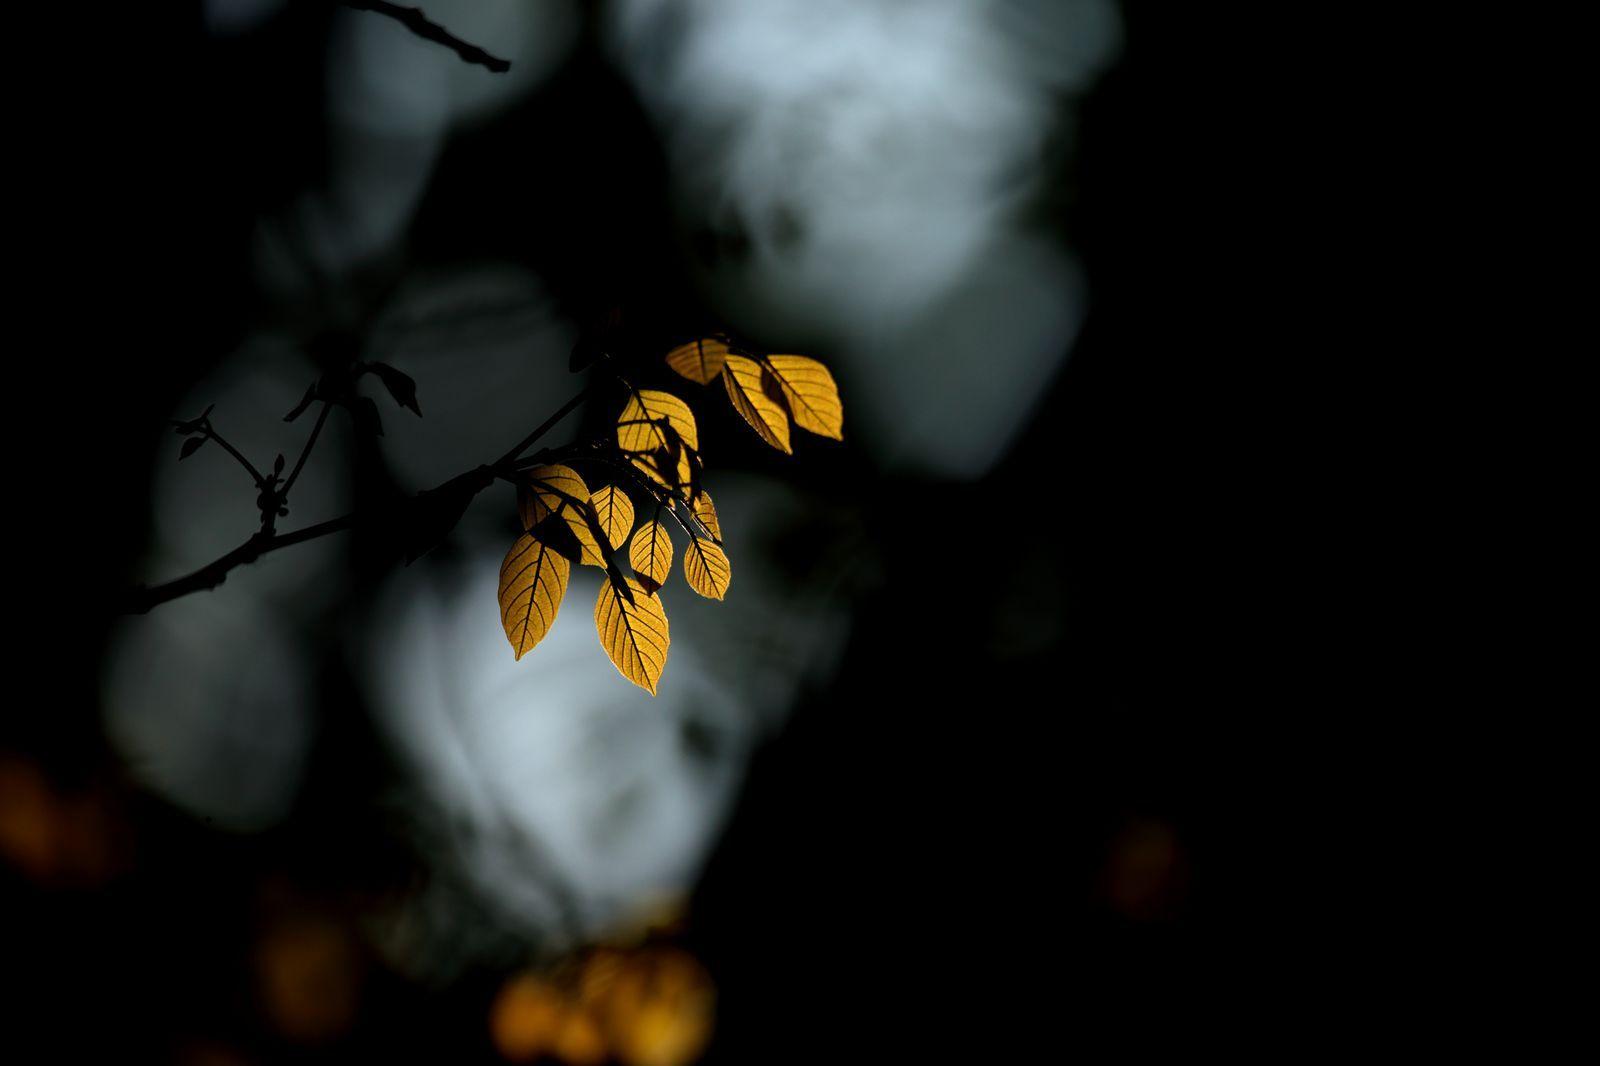 عکس روز : درخشش برگ زیبا و رویایی پاییزی در شب